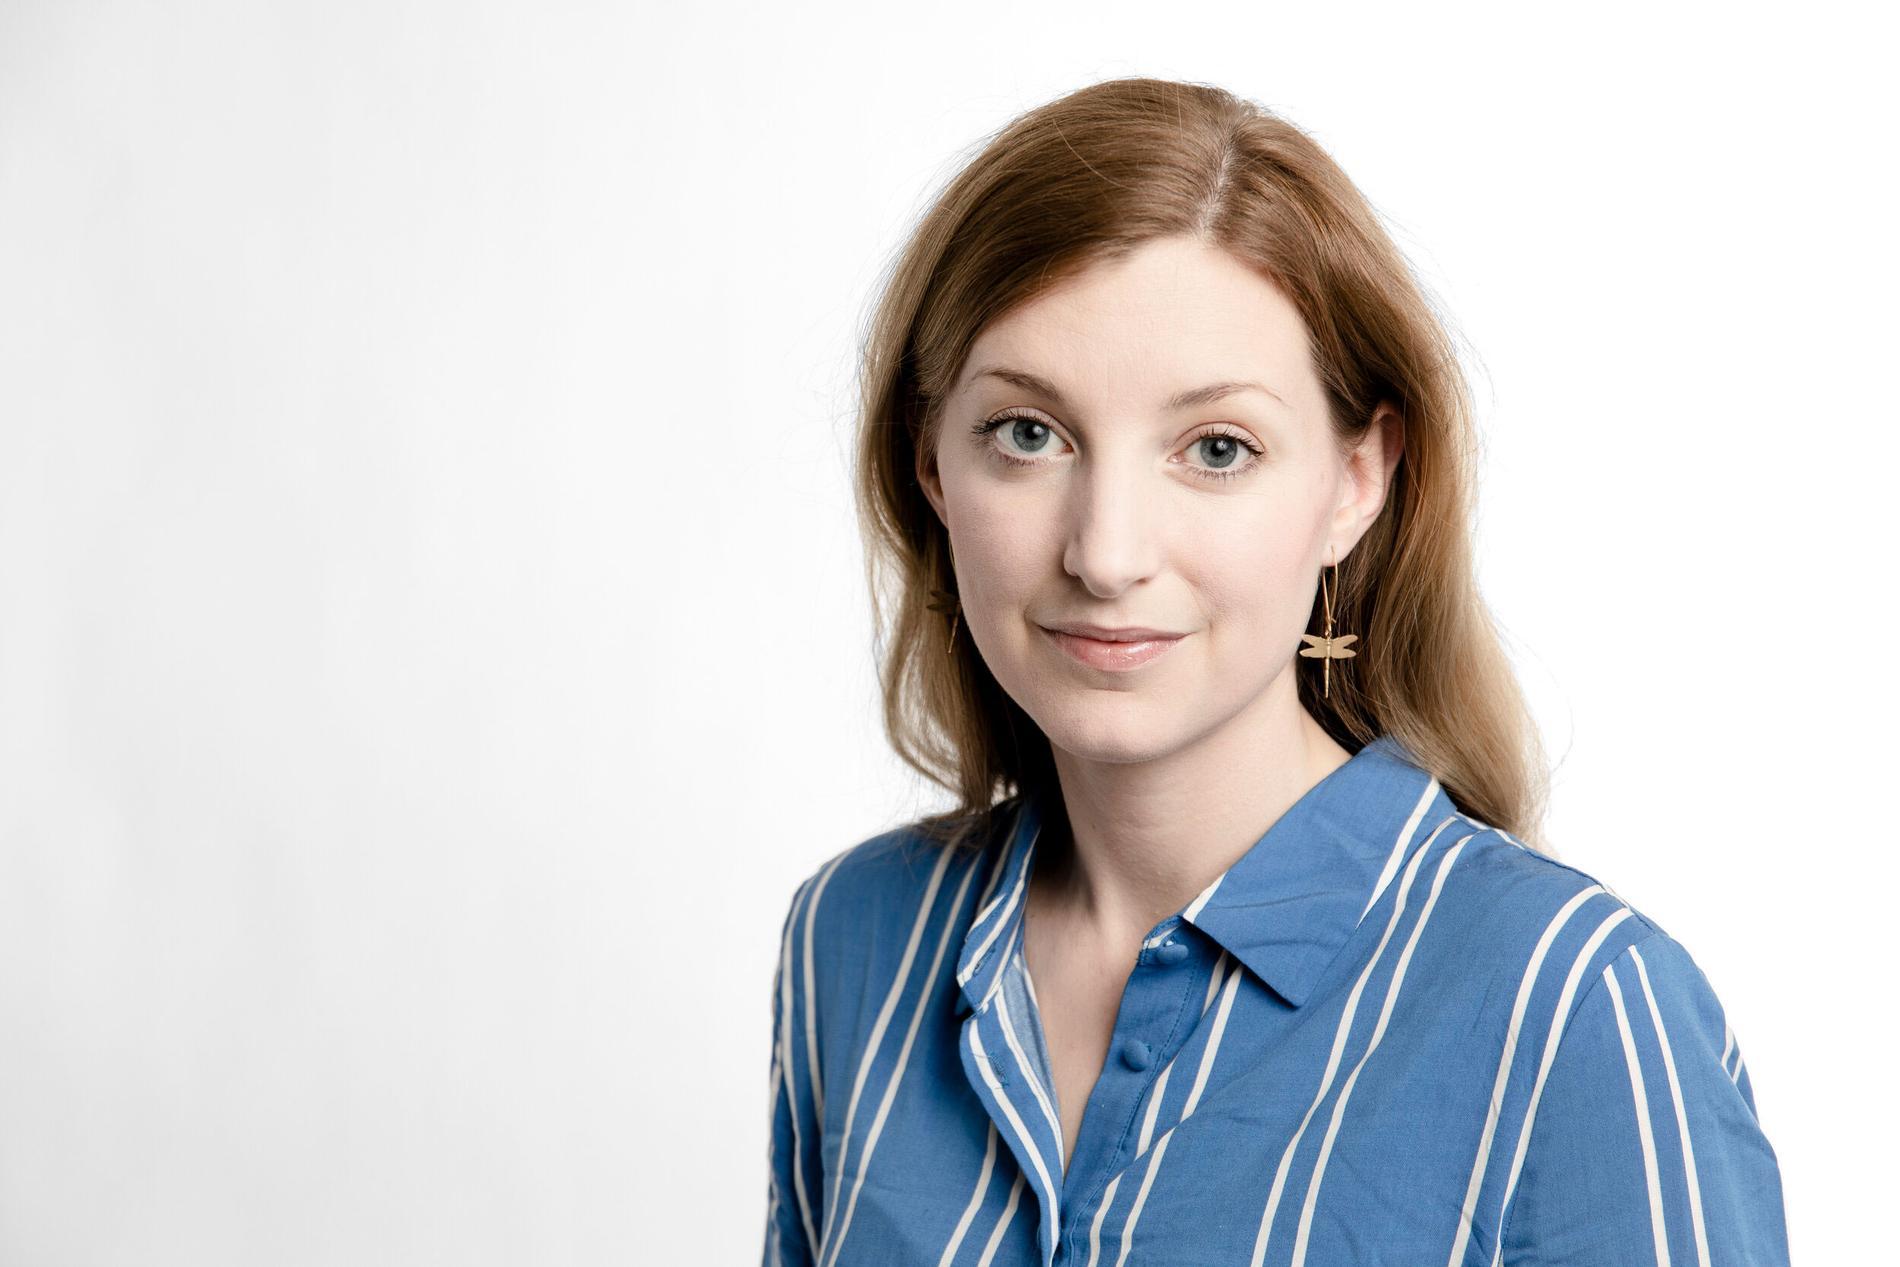 Frida Hylander är psykolog och driver tillsammans med tre kollegor Klimatpsykologerna som arbetar med de psykologiska och beteendemässiga aspekterna av klimatkrisen.